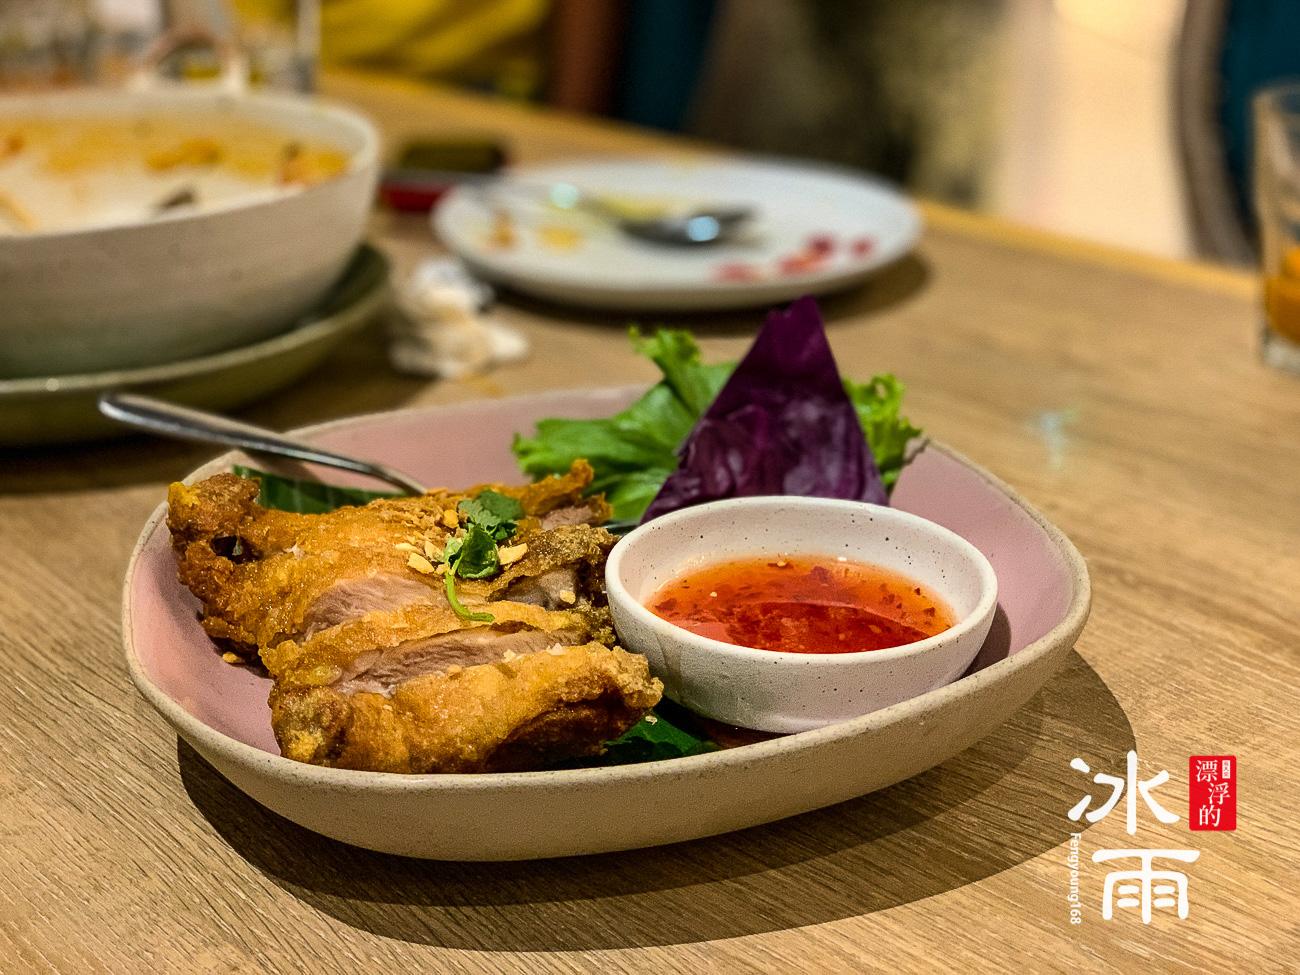 說是泰國炸雞,其實也很台啦!超貴的